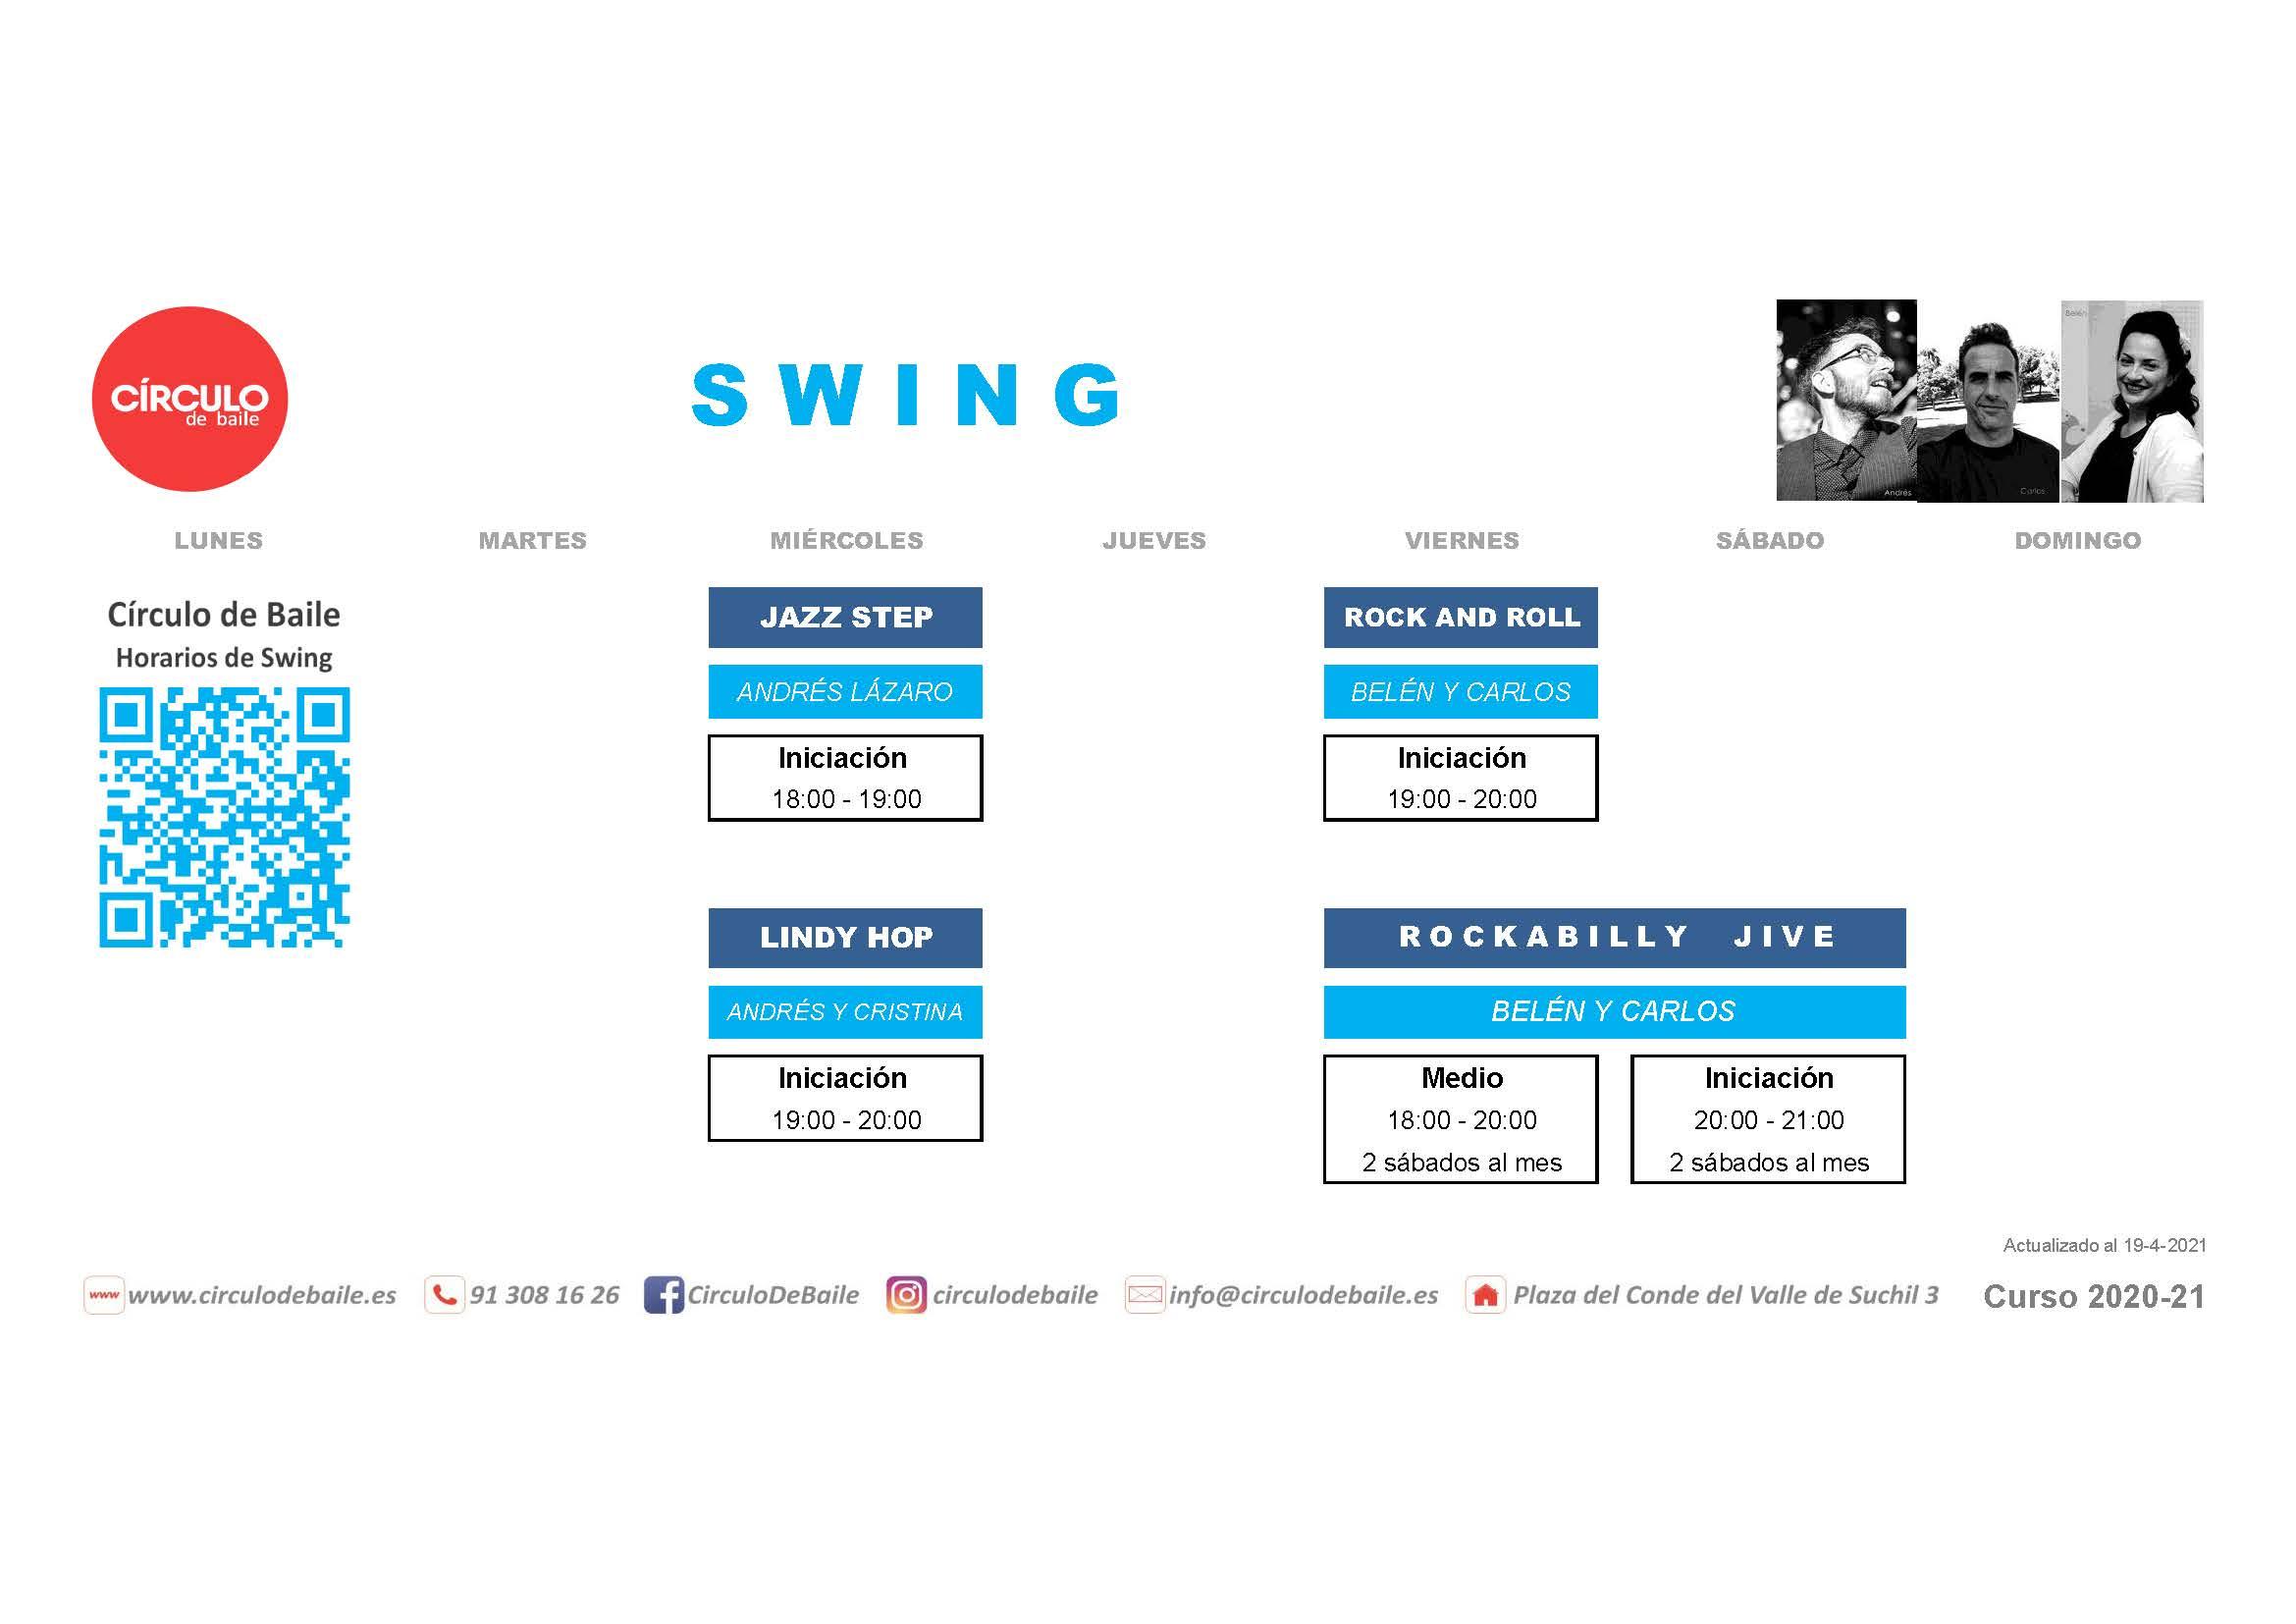 Horarios de Swing y Rock and Roll del curso 2020-21 en Circulo de Baile